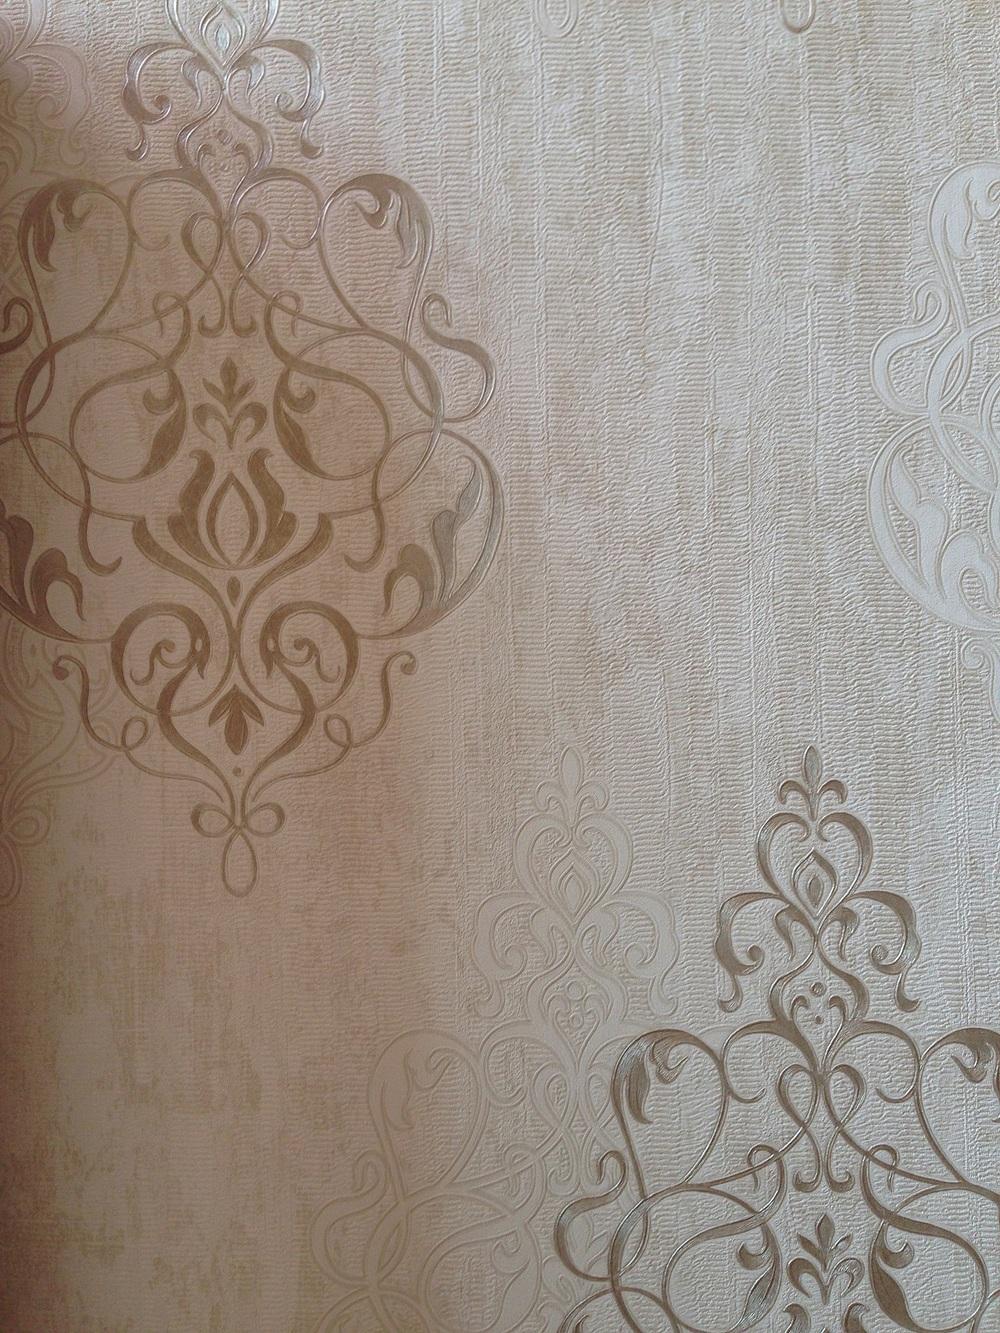 nouveau design texture papier peint papier peint tiffany p te de papier peint papier peint cor e. Black Bedroom Furniture Sets. Home Design Ideas